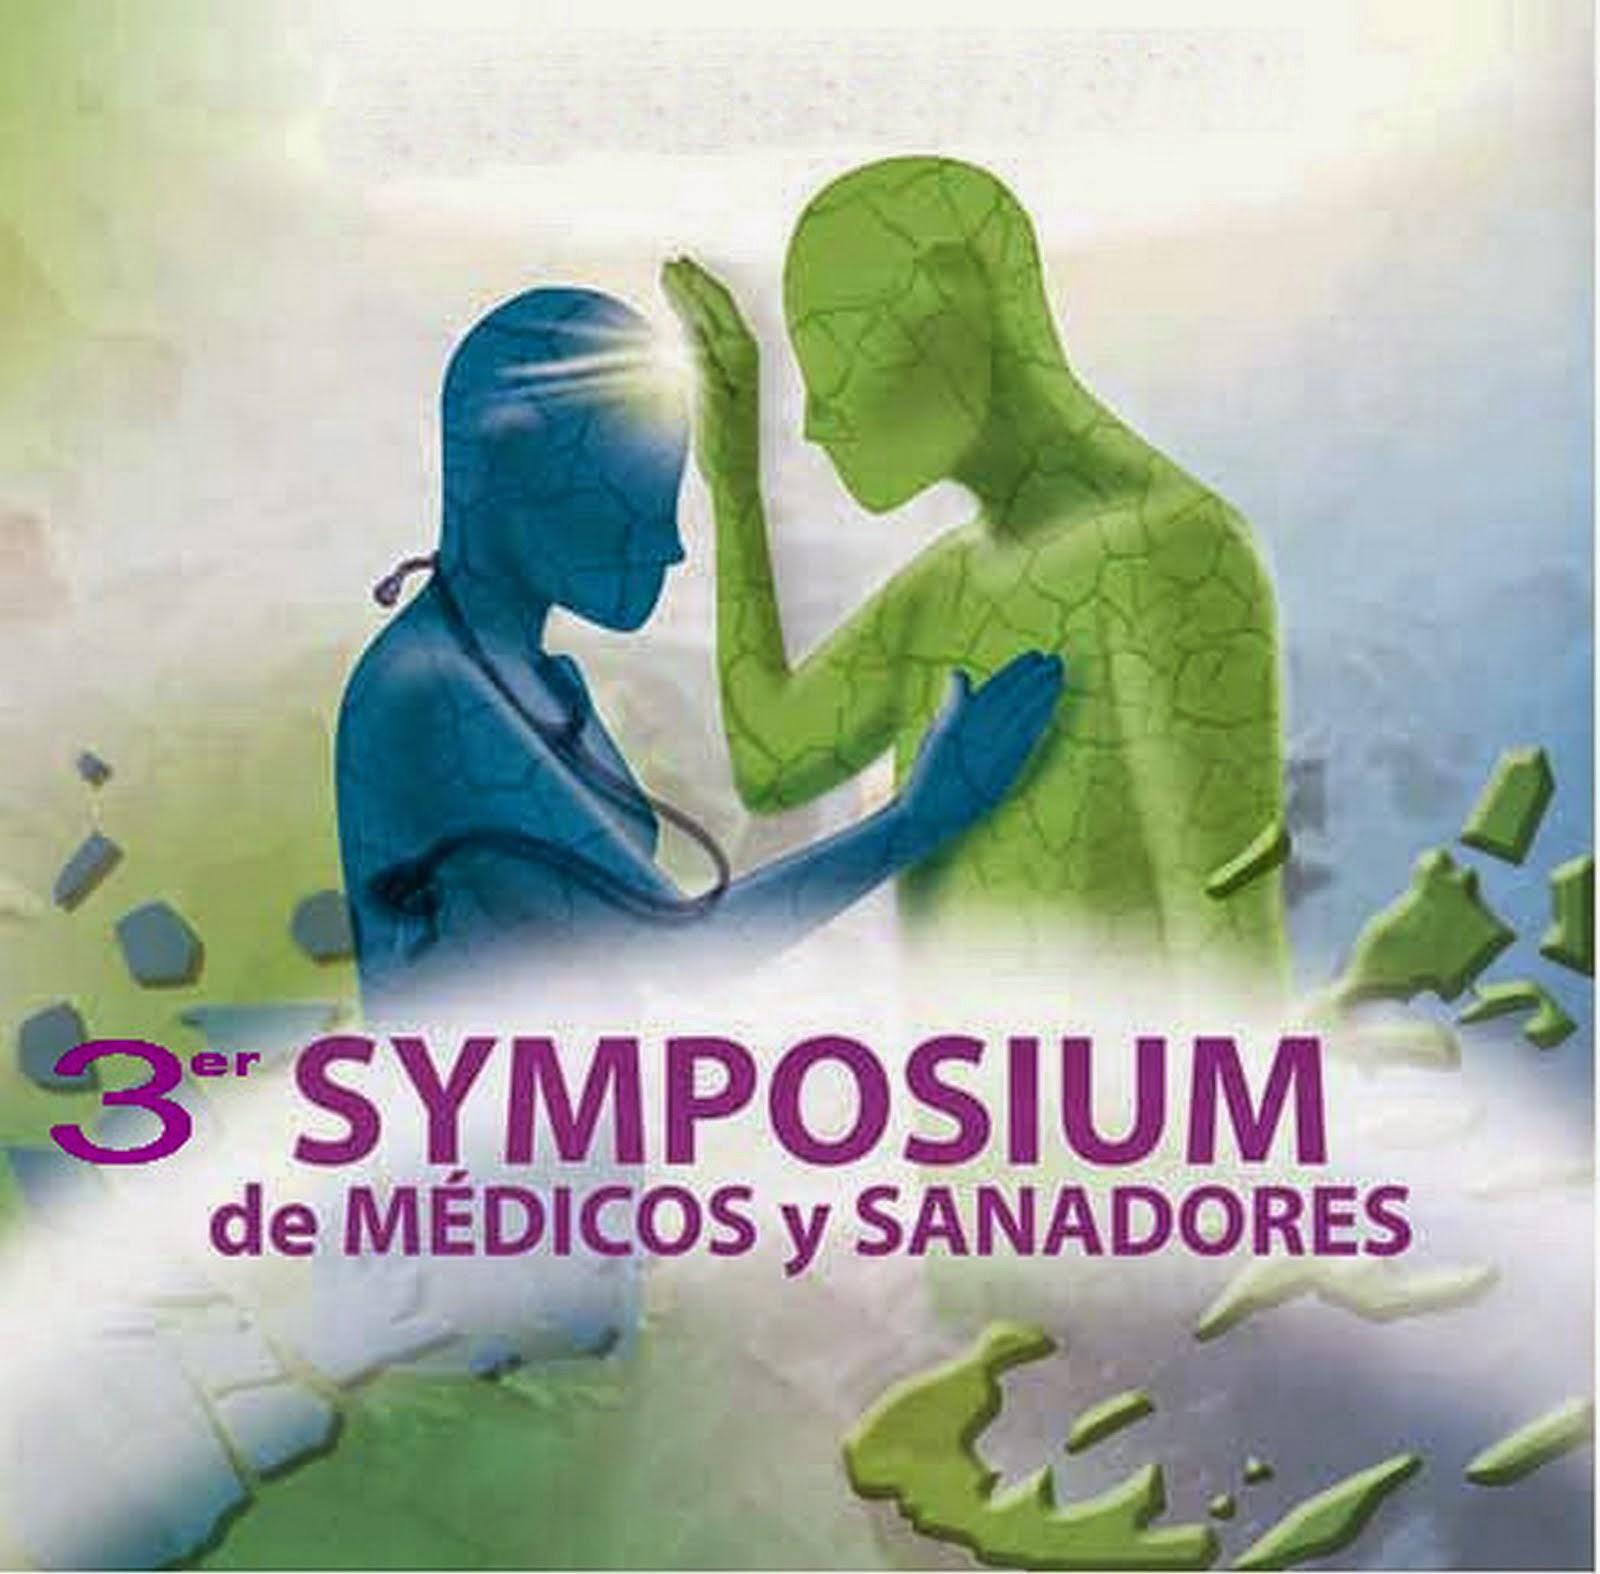 3er. SYMPOSIUM